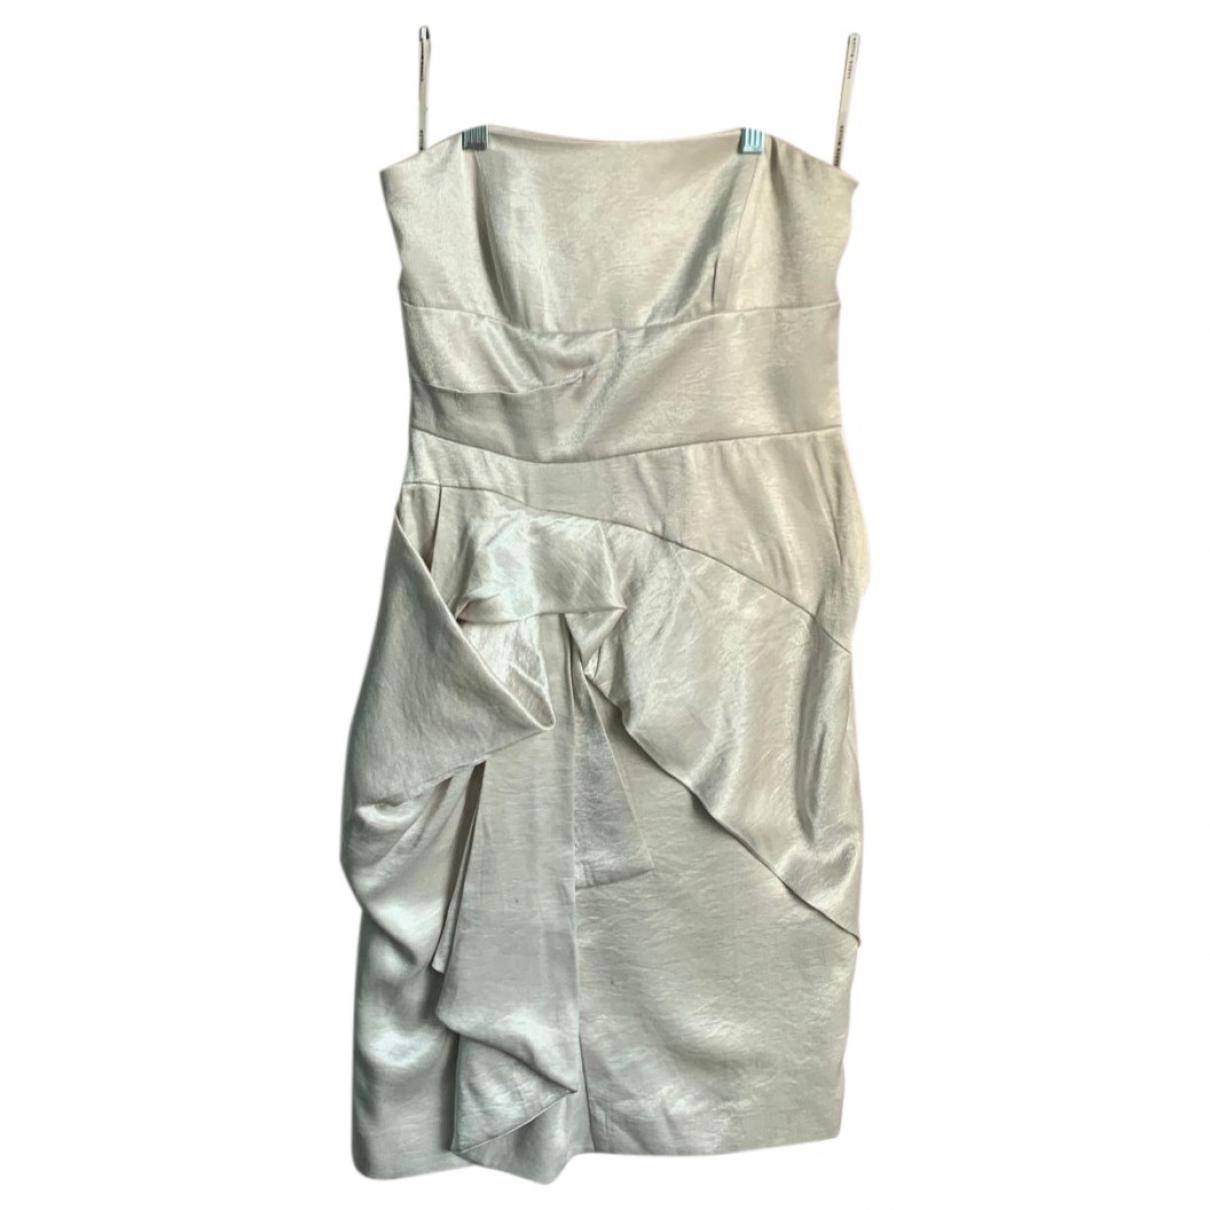 Karen Millen \N Beige dress for Women 8 UK